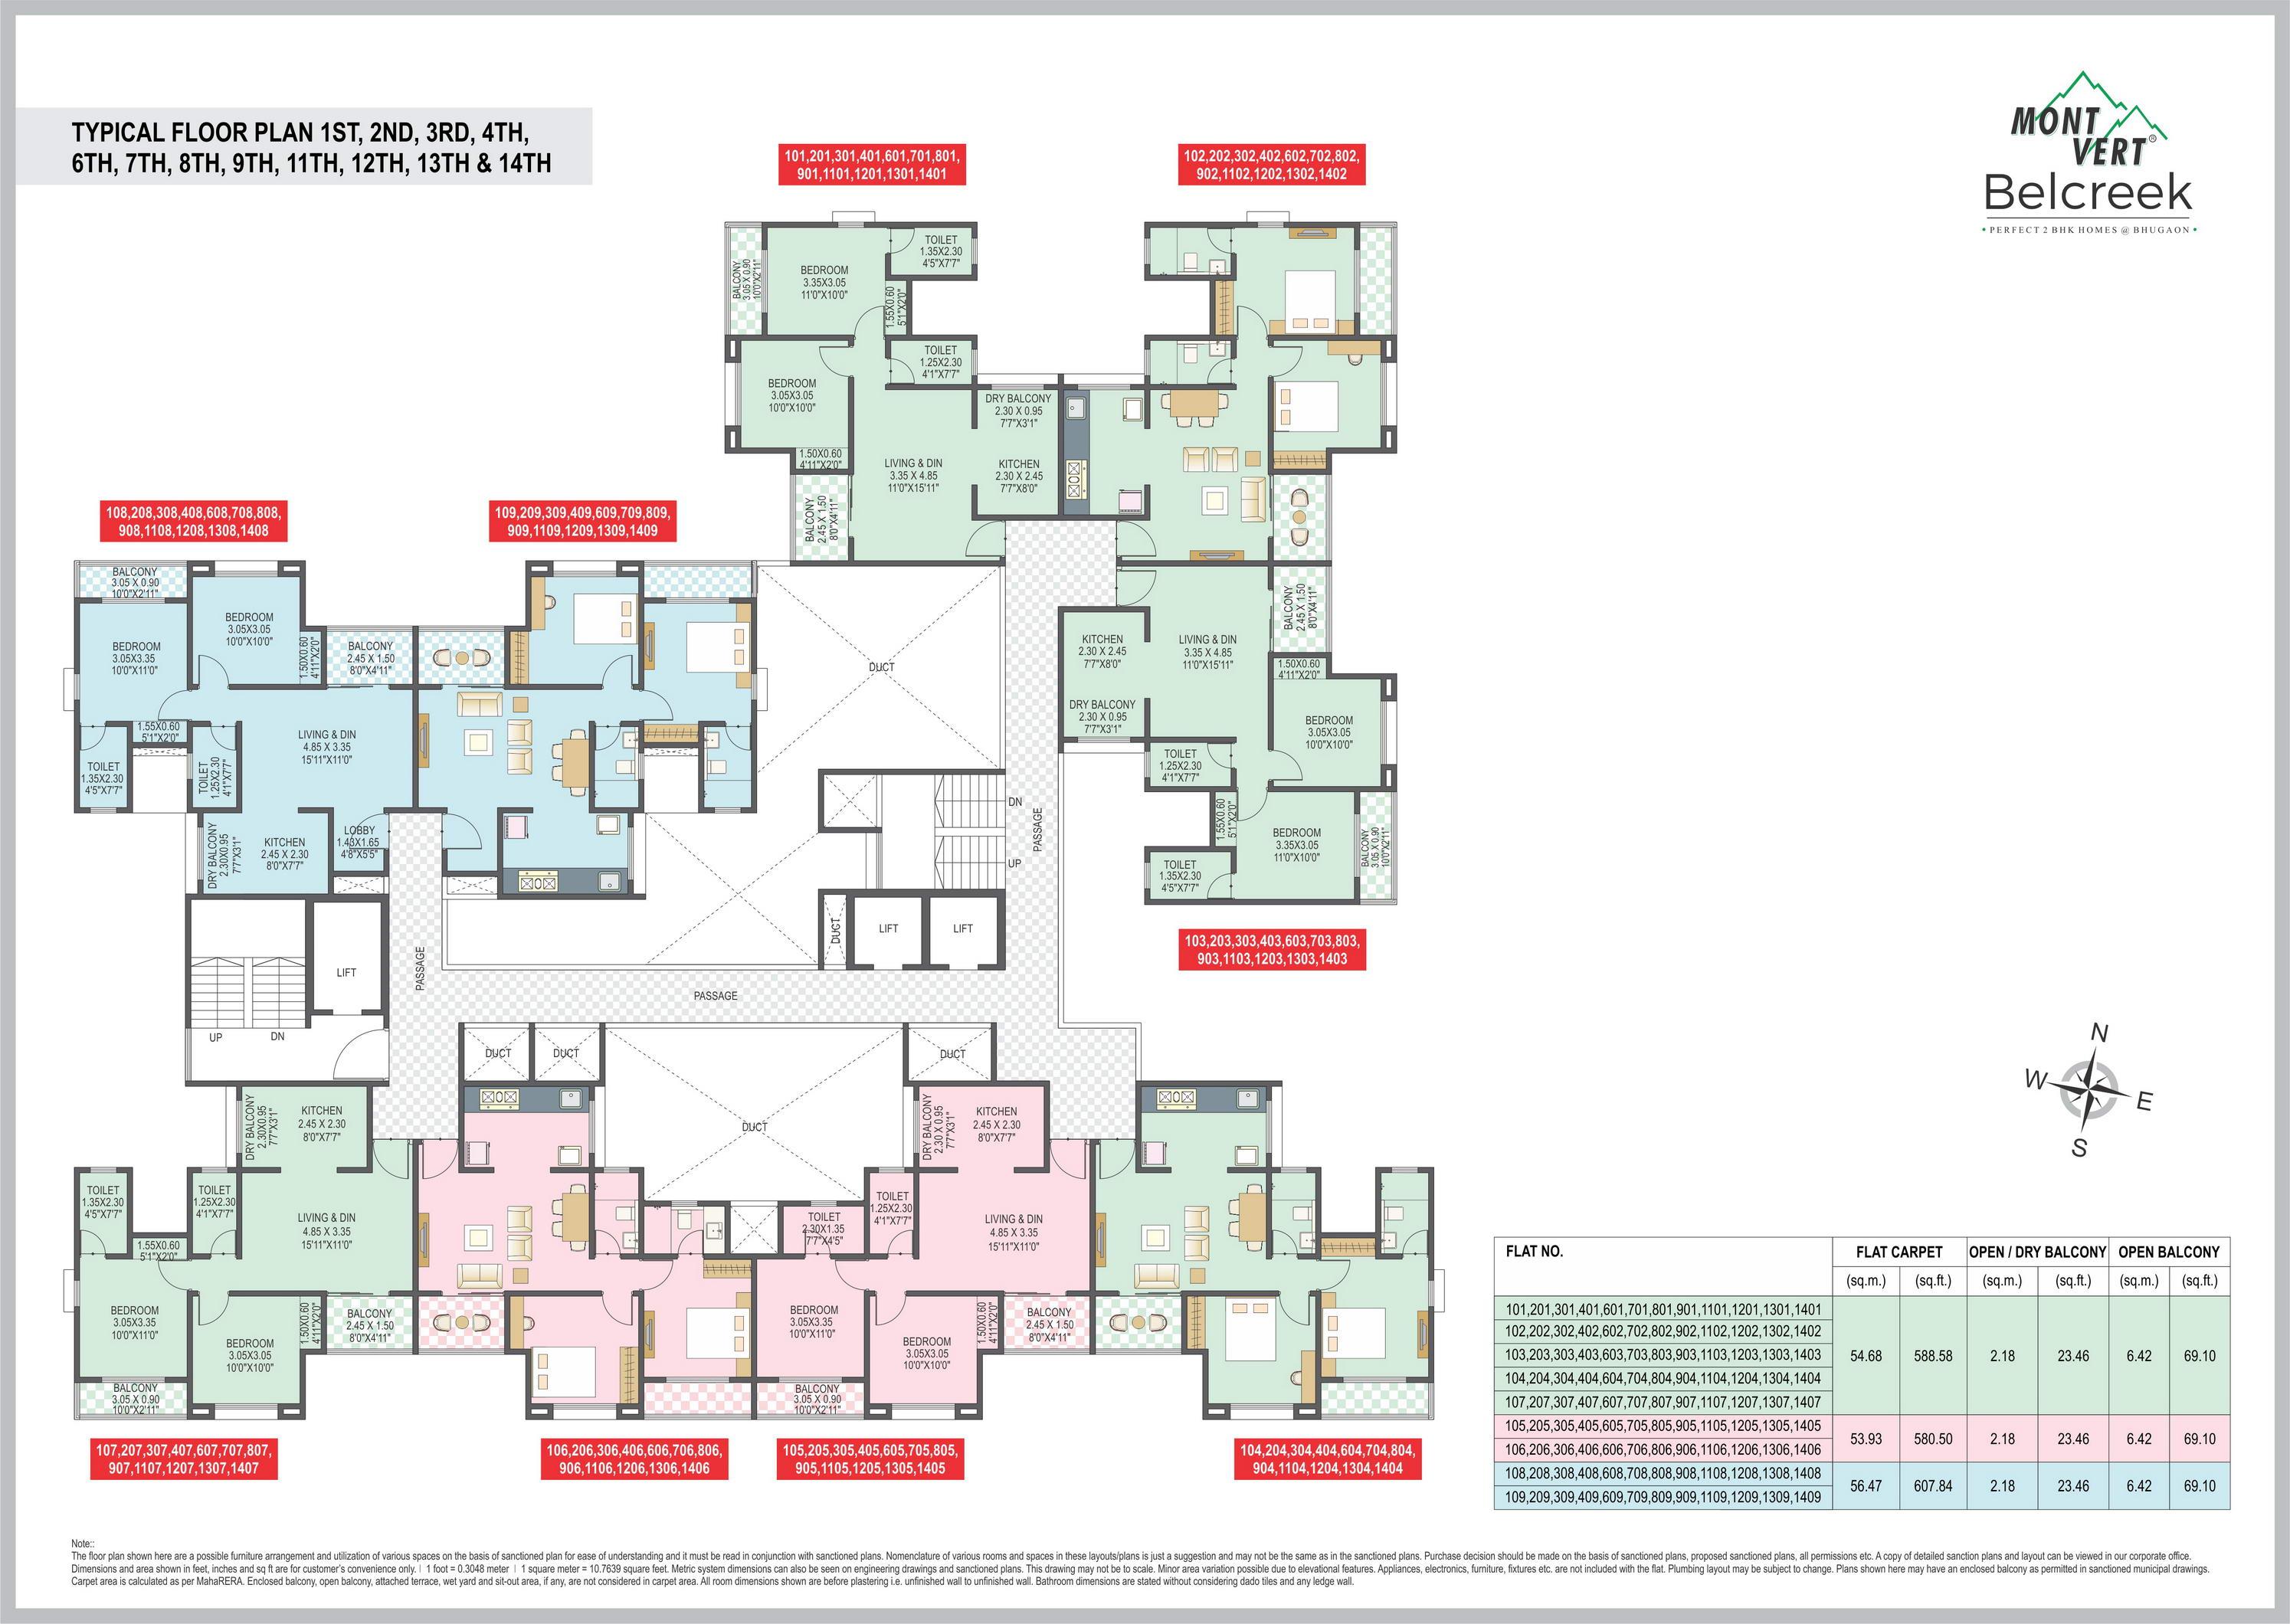 buy-2-bhk-flats-in-kothrud-mont-vert-belcreek-typical-plan